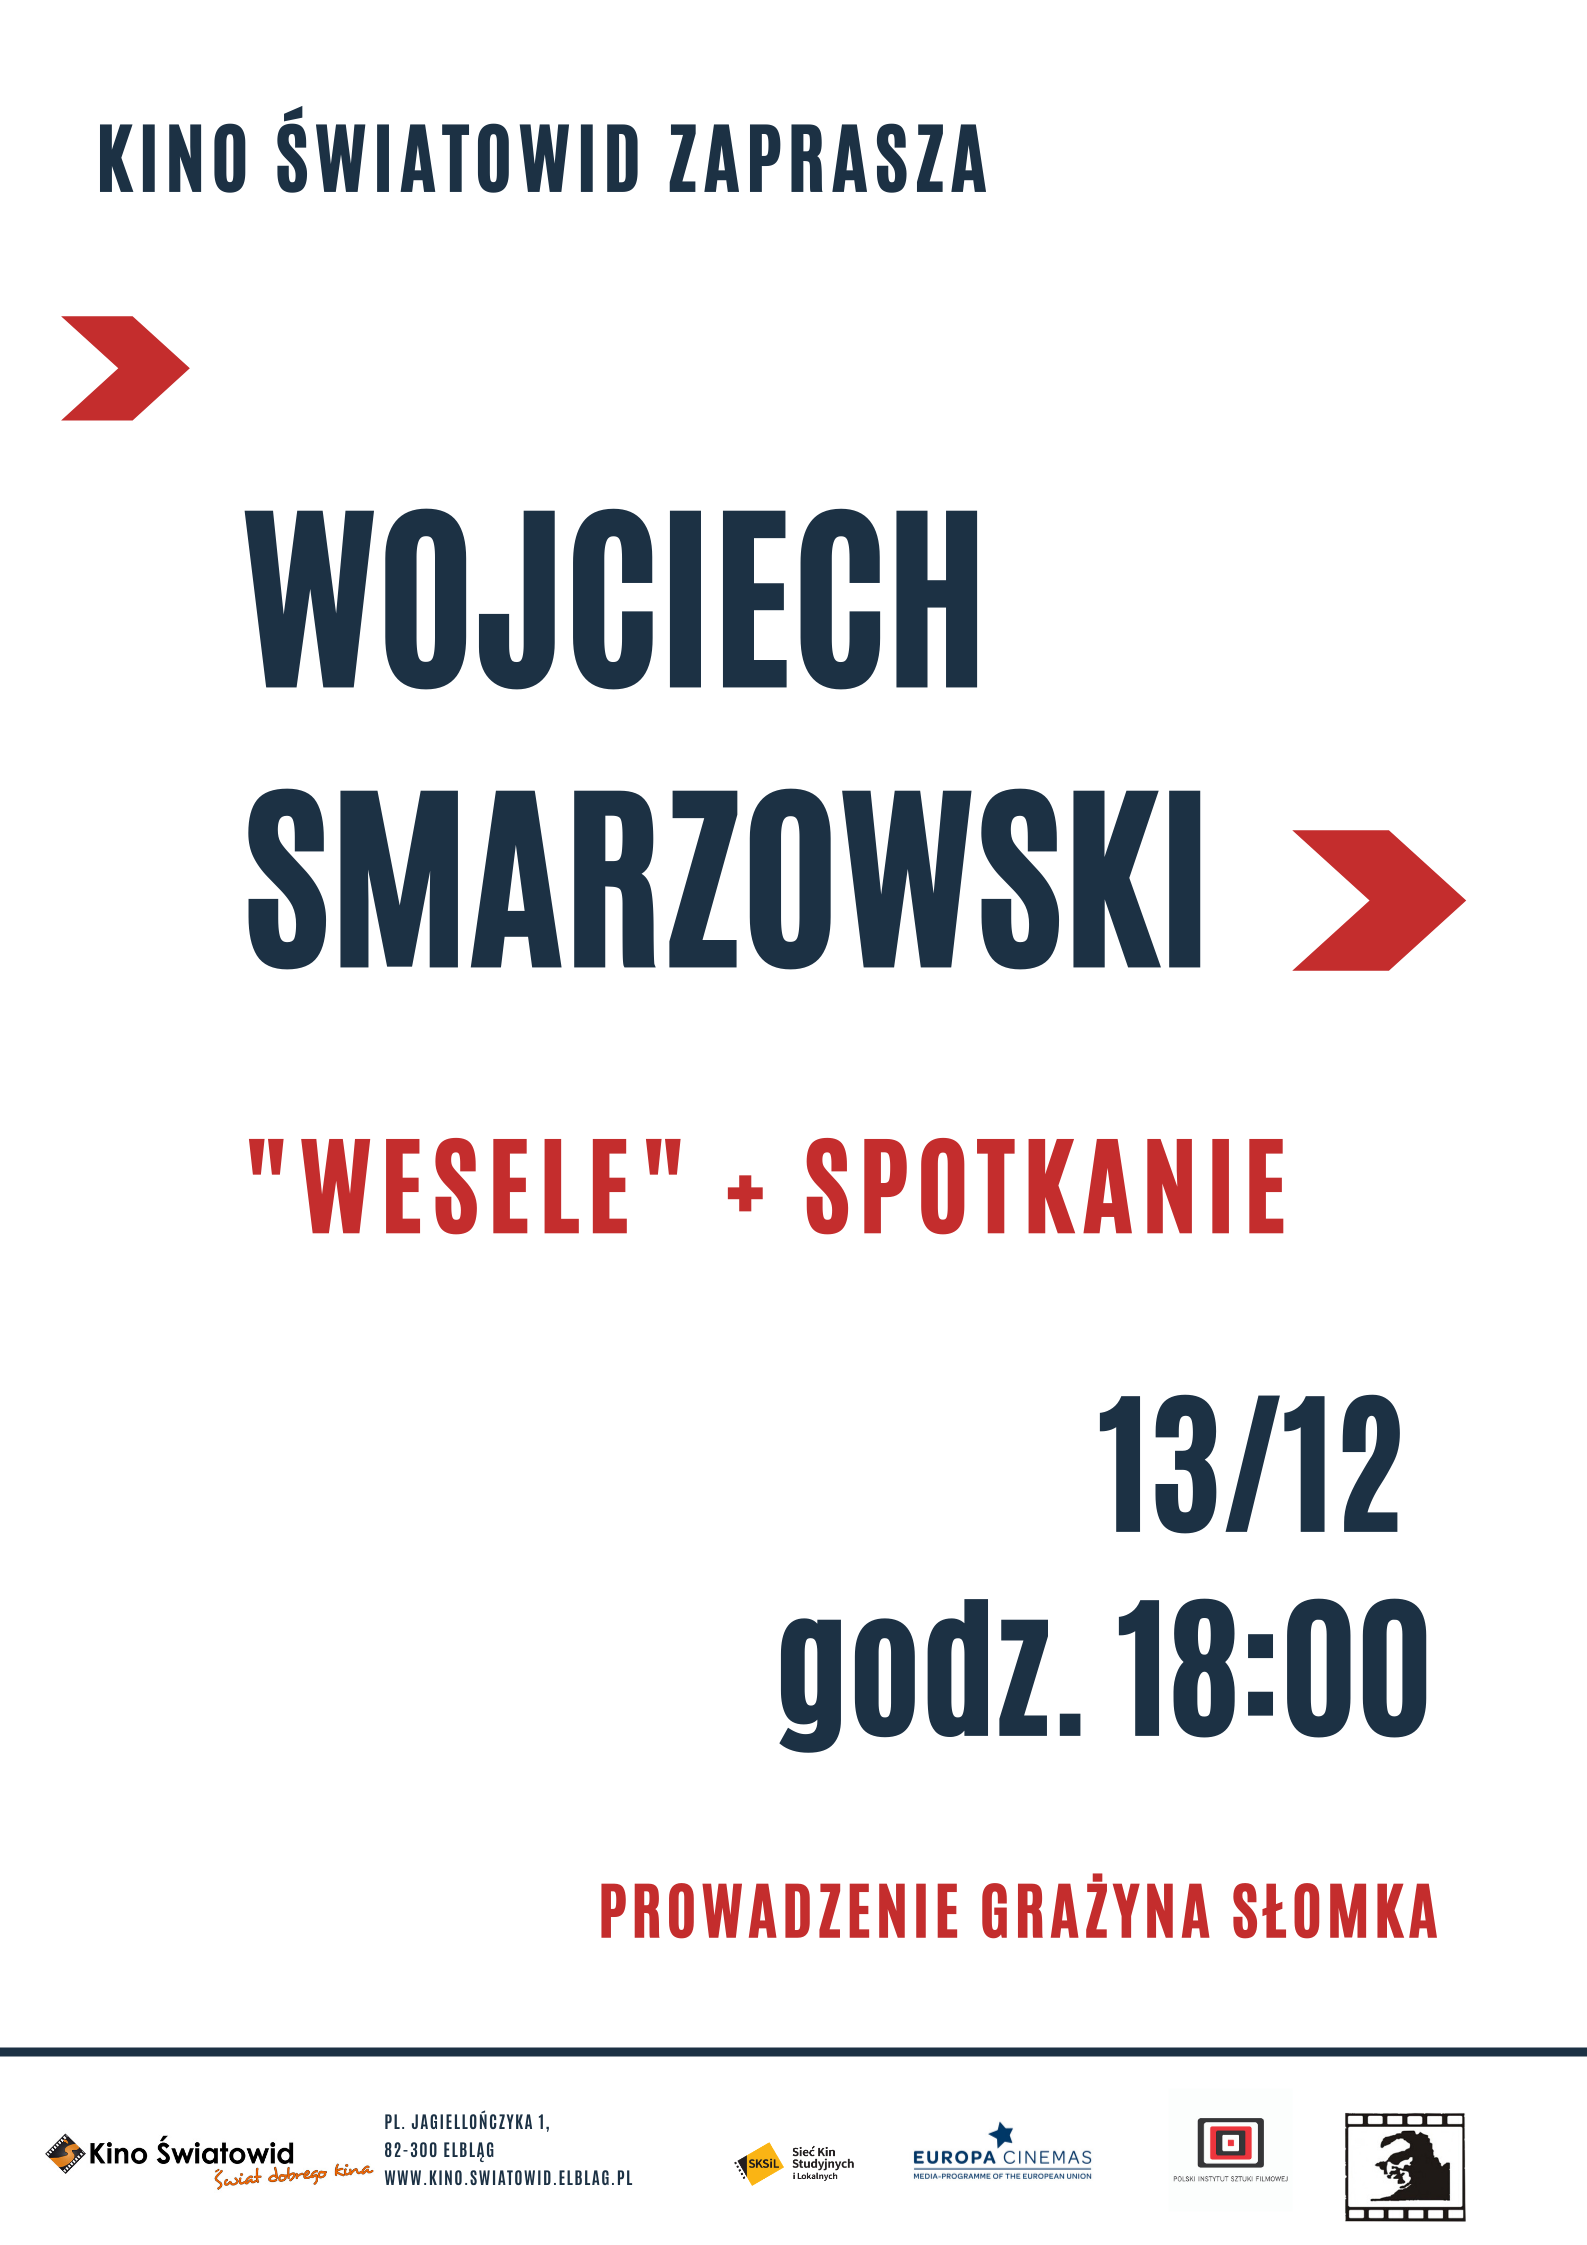 http://m.wm.pl/2019/12/orig/wojciech-smarzowski-spotkanie-plakat-597475.jpg